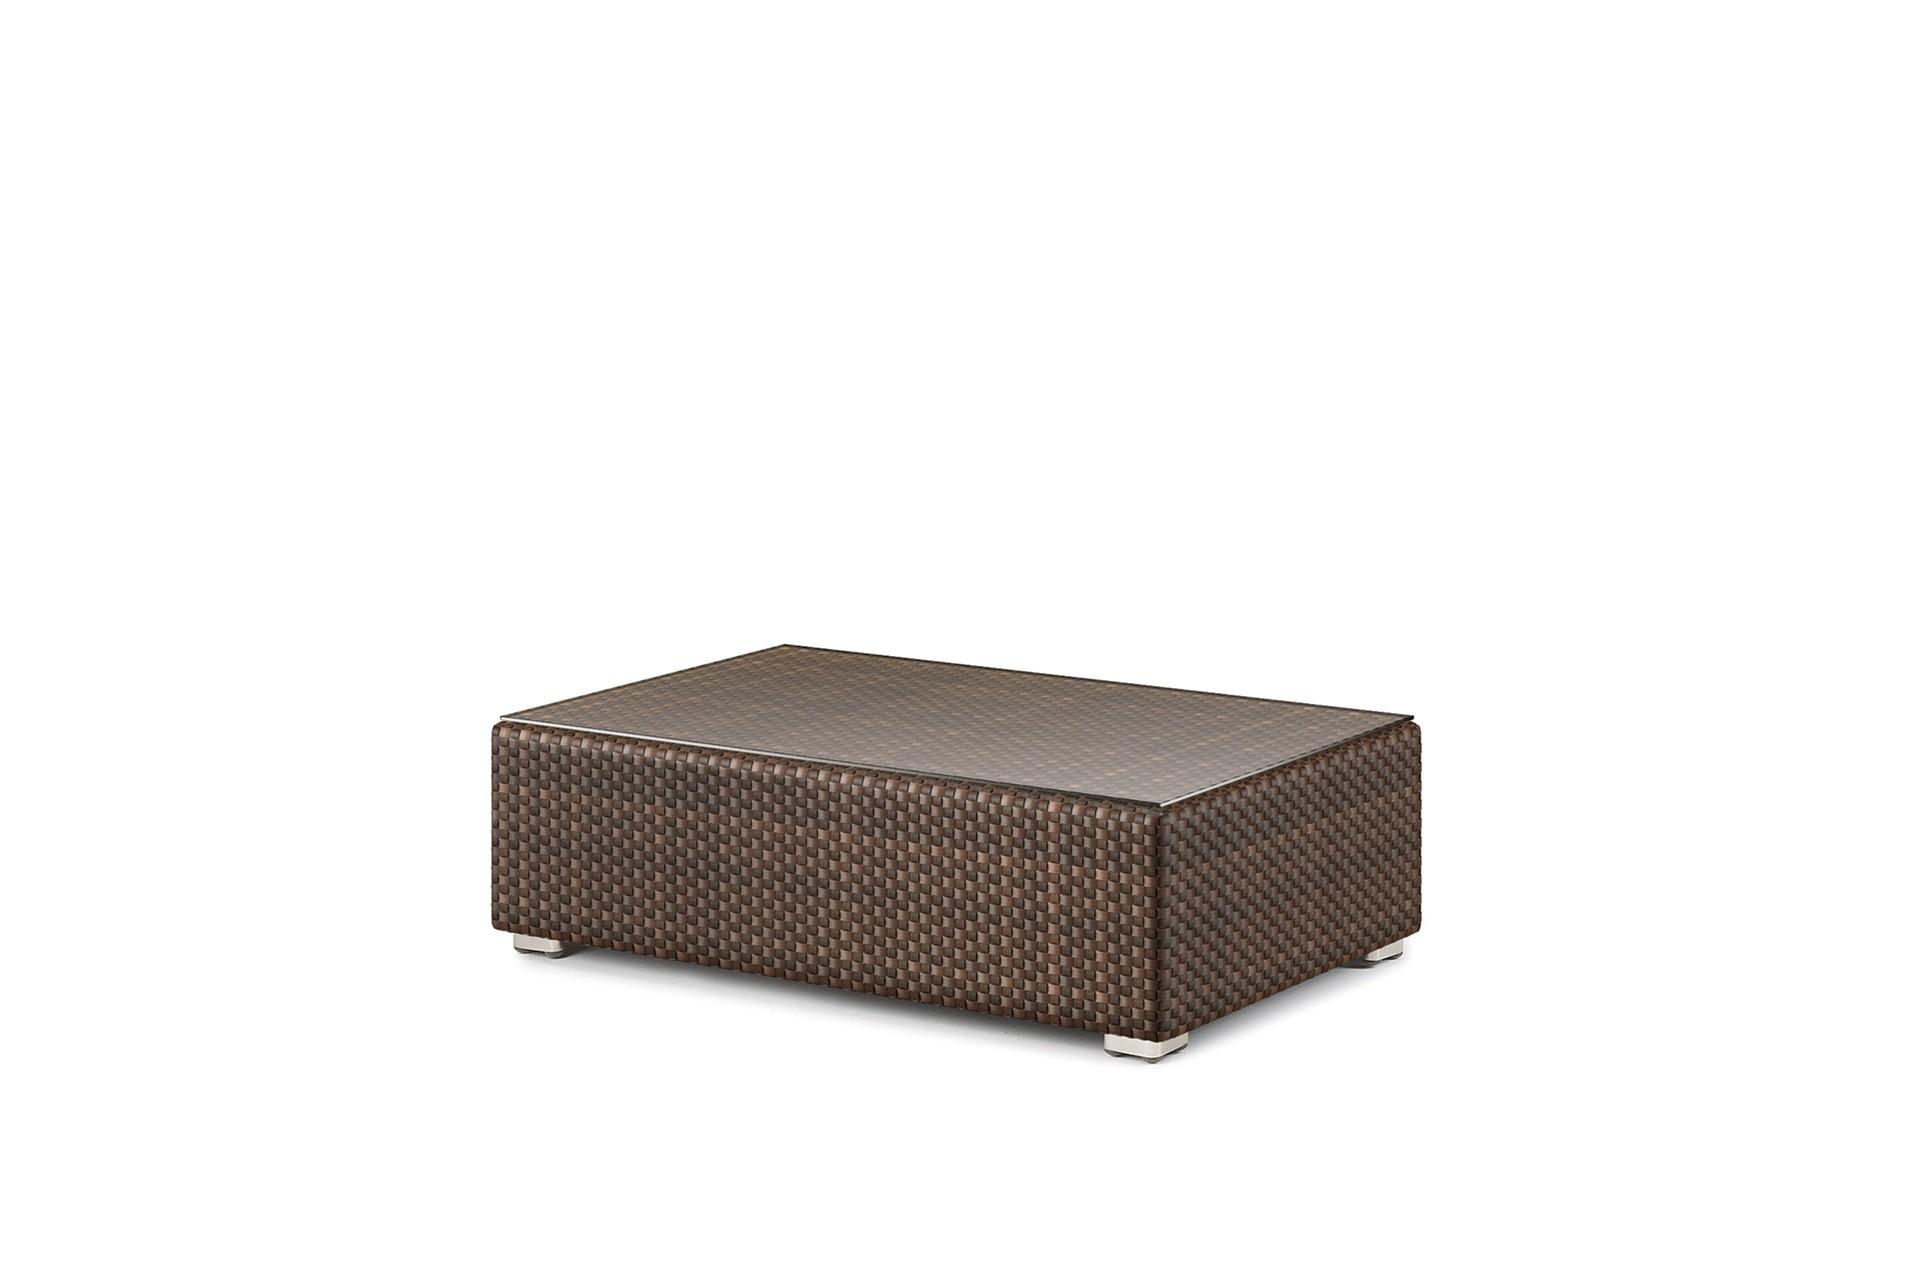 plaque en verre clair pour table basse lounge 110 x 65 cm. Black Bedroom Furniture Sets. Home Design Ideas